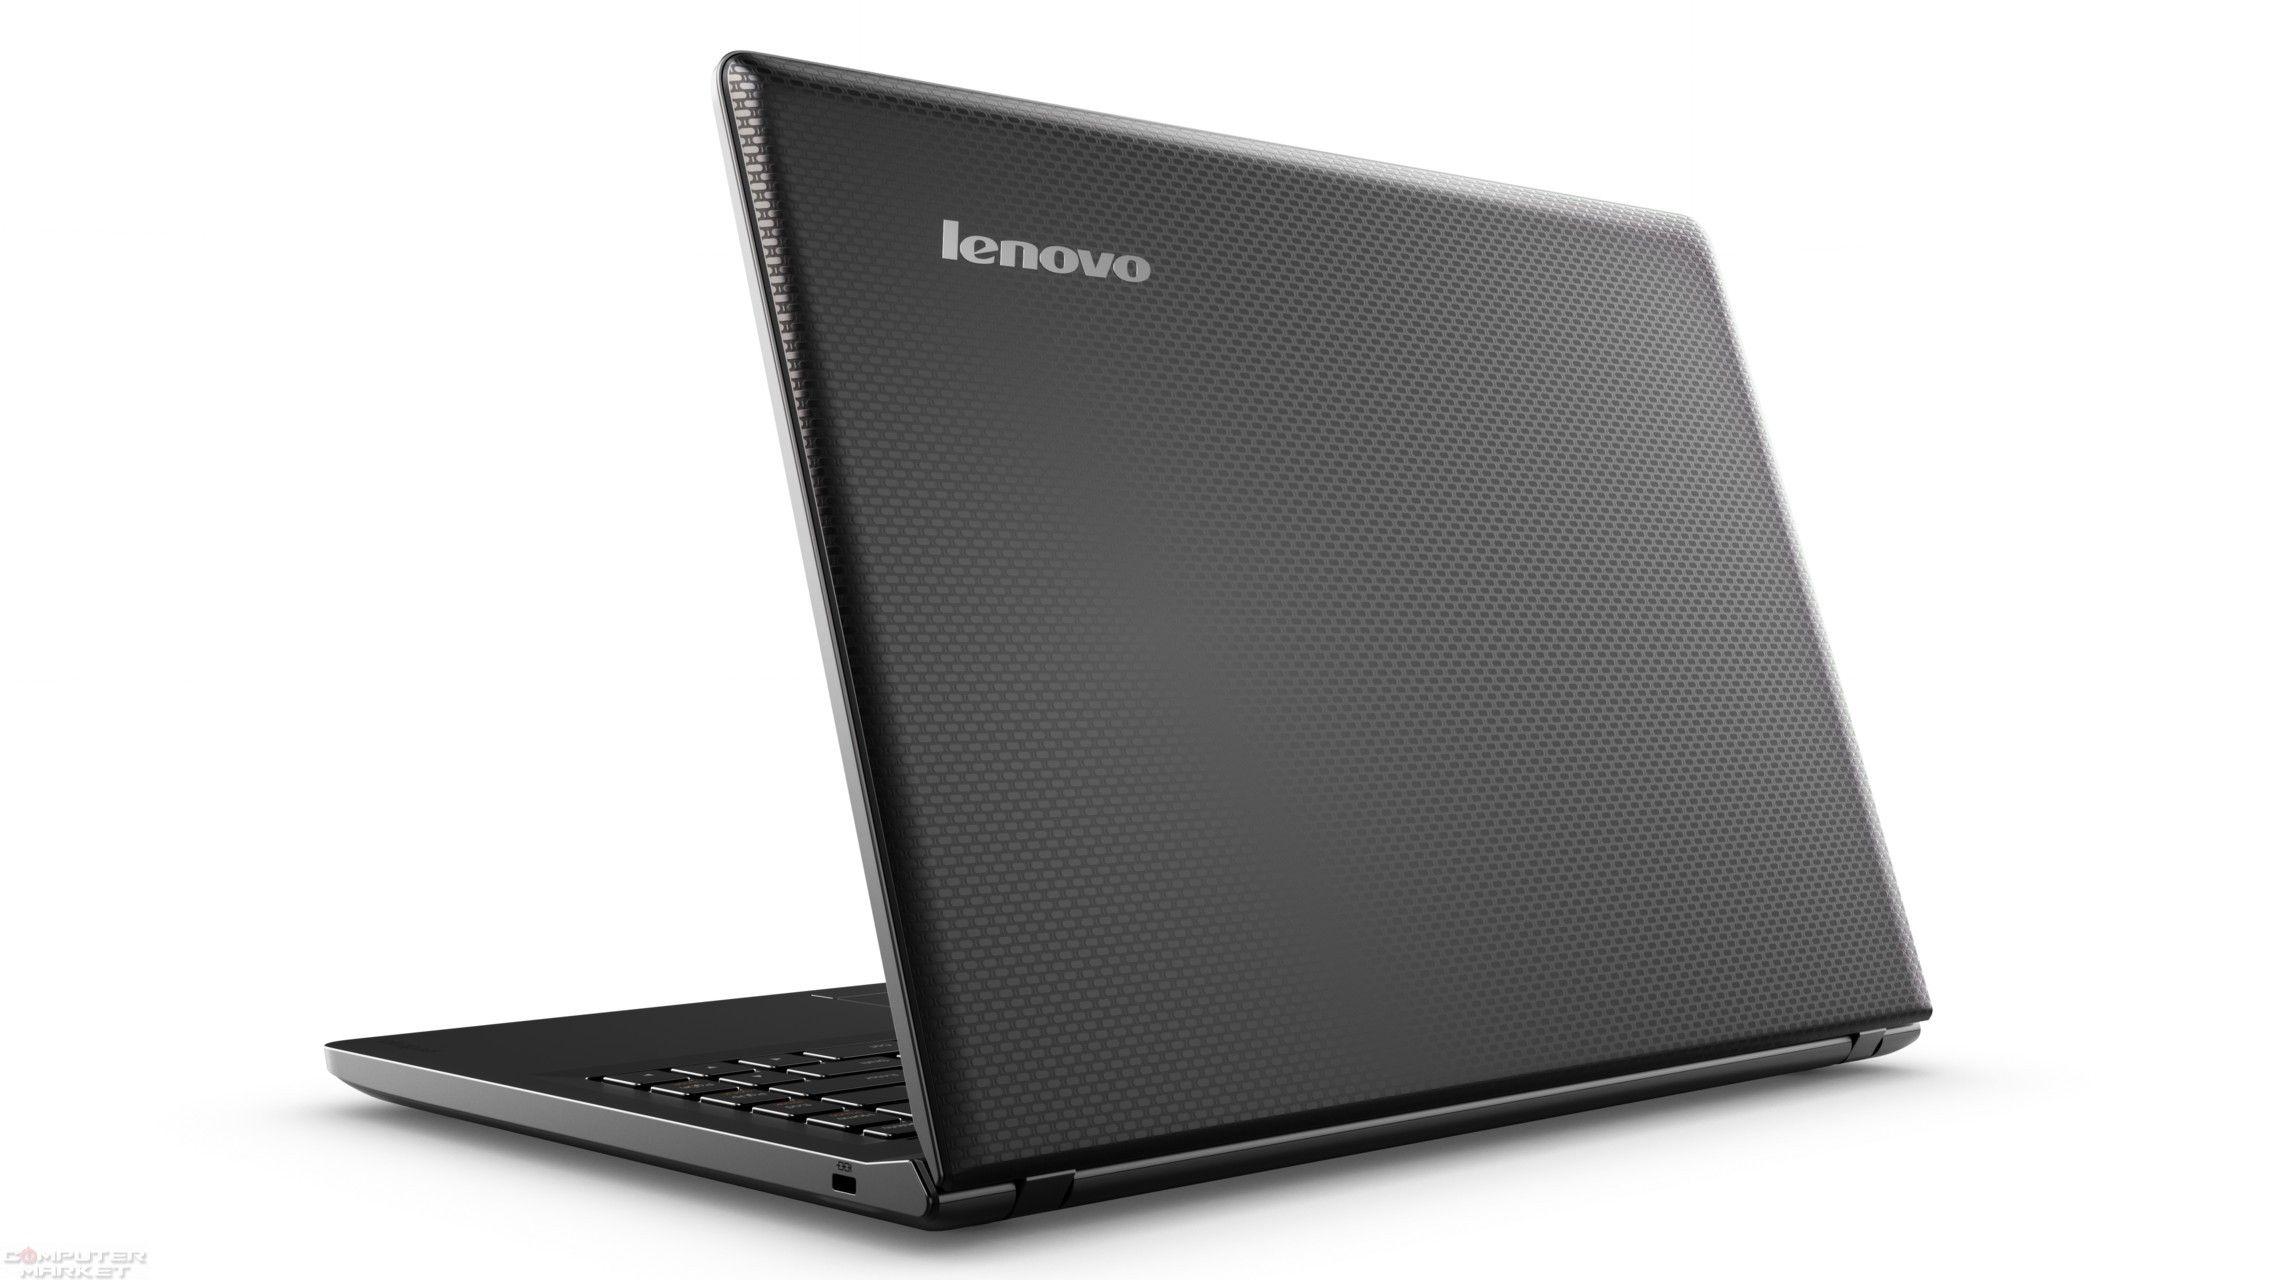 лаптоп Lenovo Ideapad 100 14 Win 10 Lenovo Ideapad Lenovo Windows 10